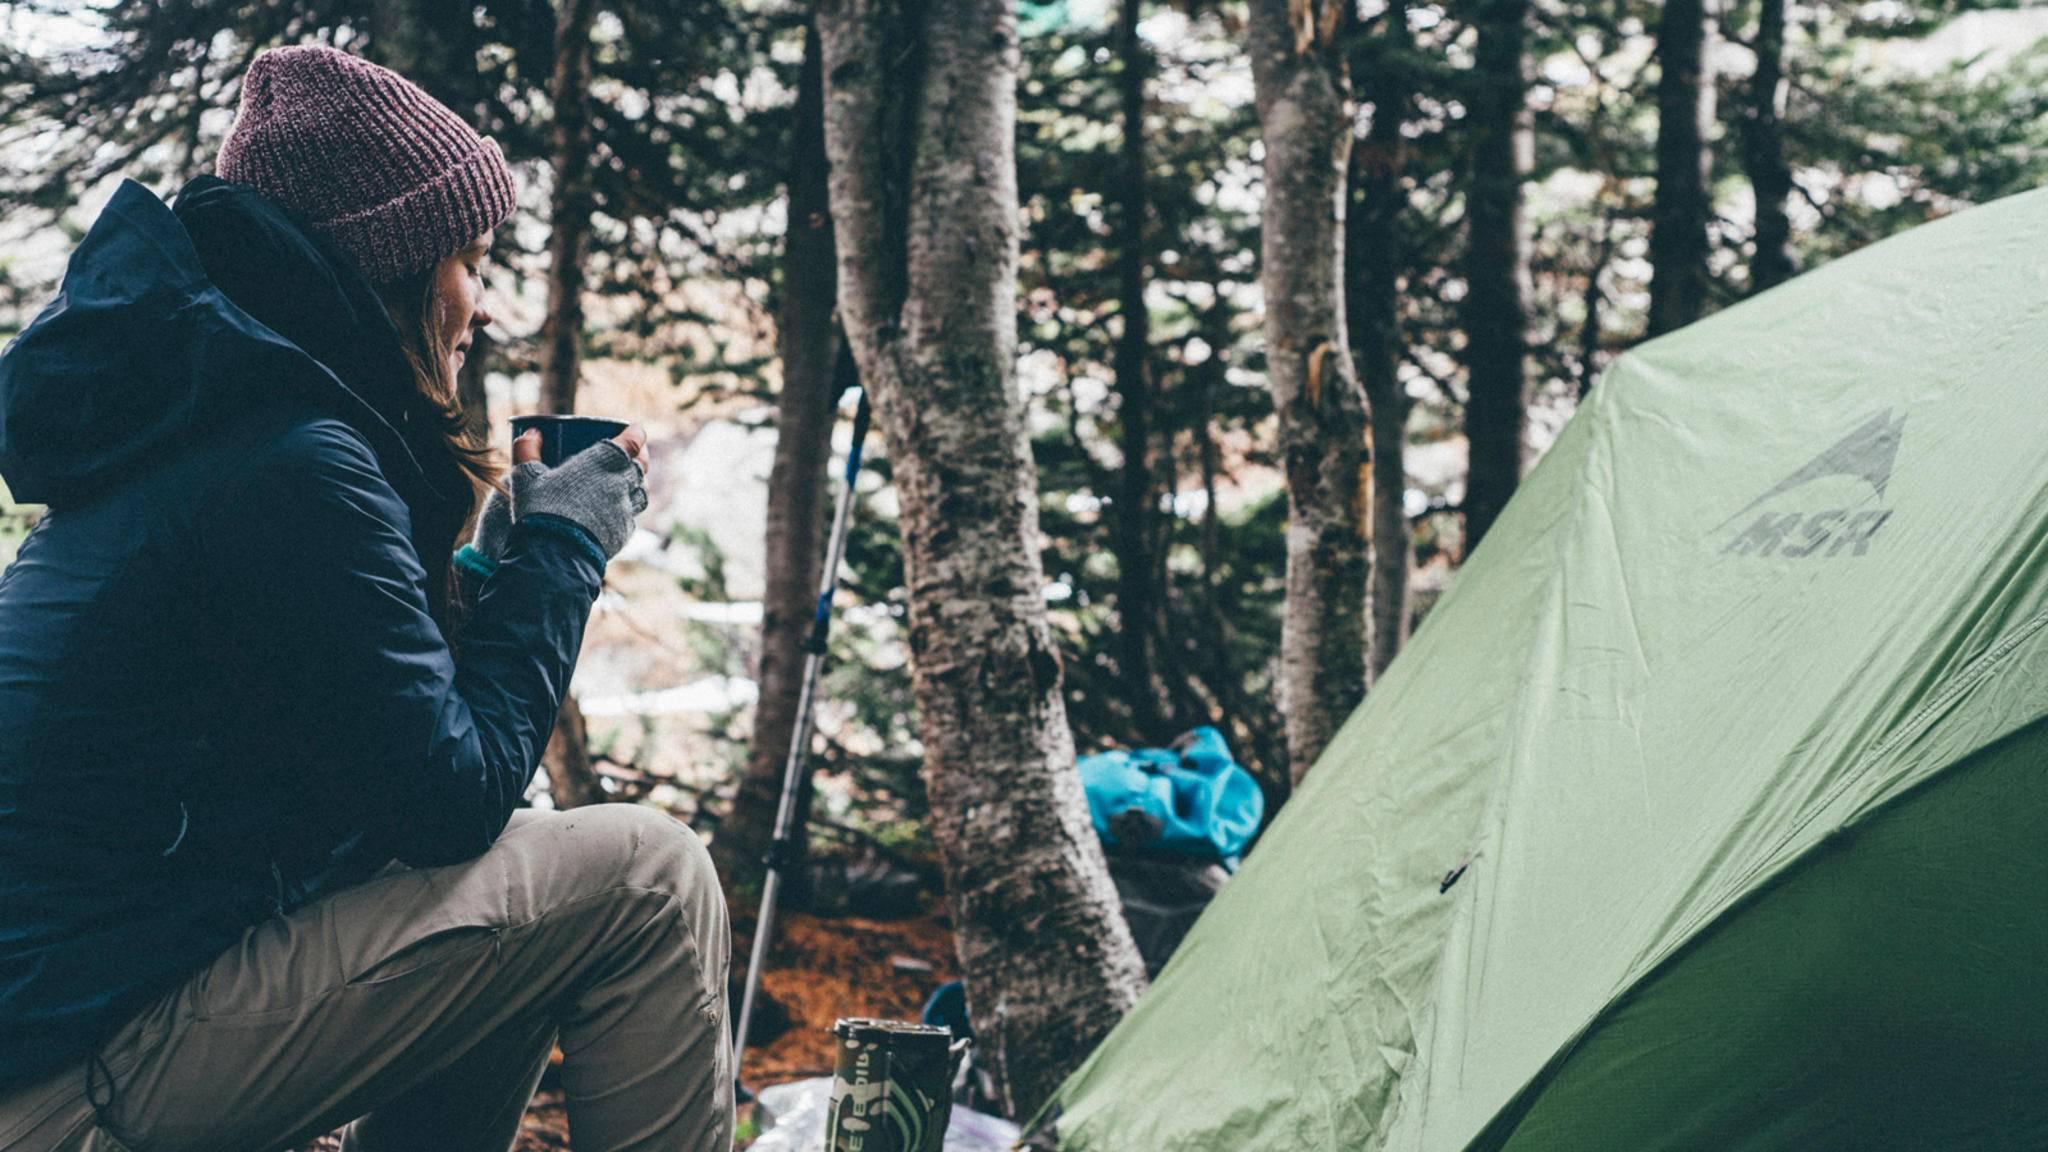 Eine heiße Tasse Kaffee im Zelt? Kein Problem!